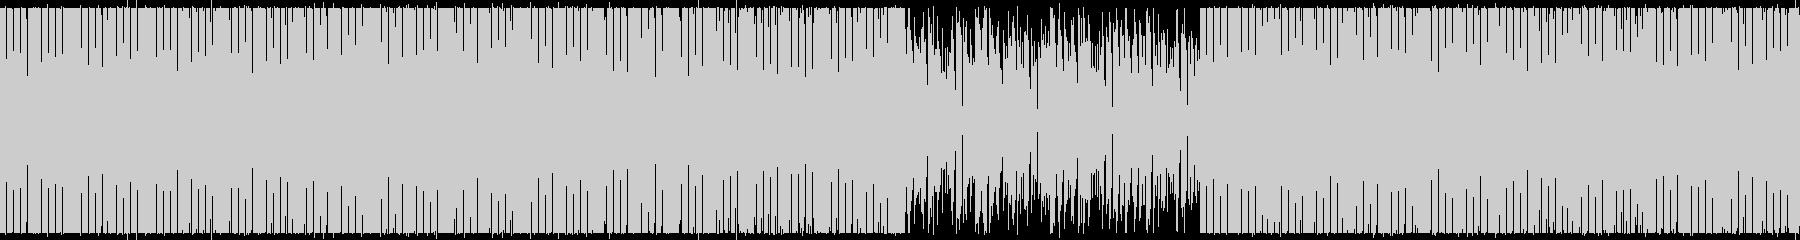 緊迫感・サスペンス・重低音ループBGMの未再生の波形